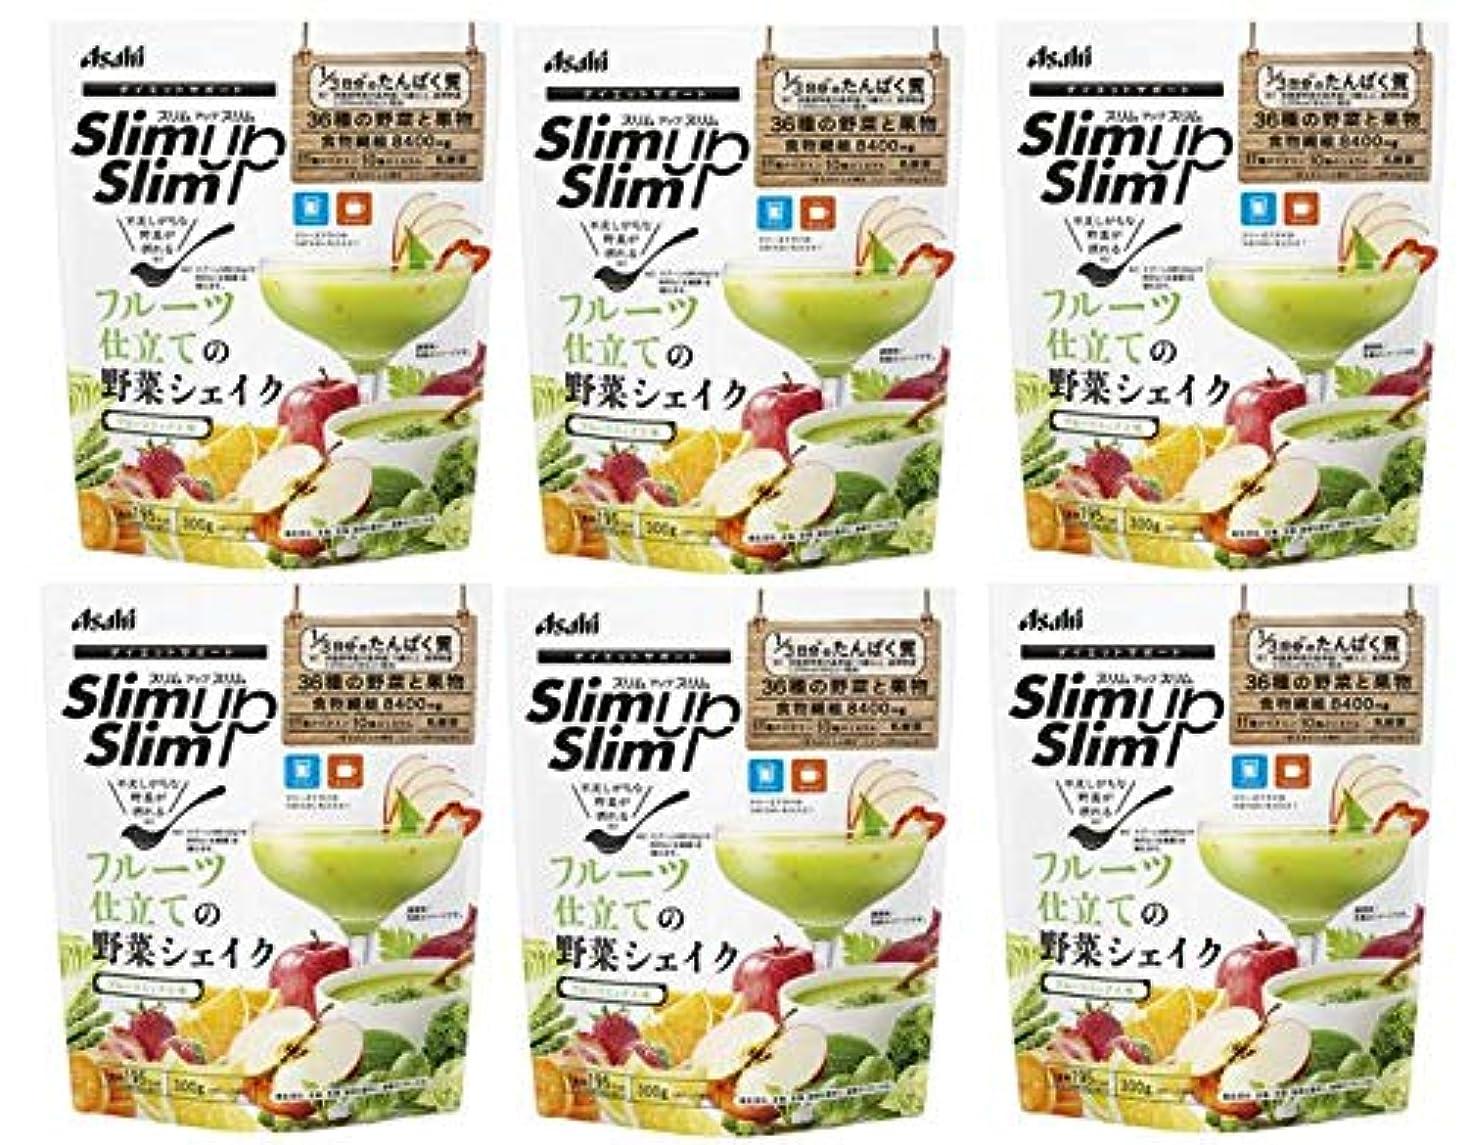 記事信頼クリスチャンアサヒグループ食品 スリムアップスリム フルーツ仕立ての野菜シェイク 300g X6個セット